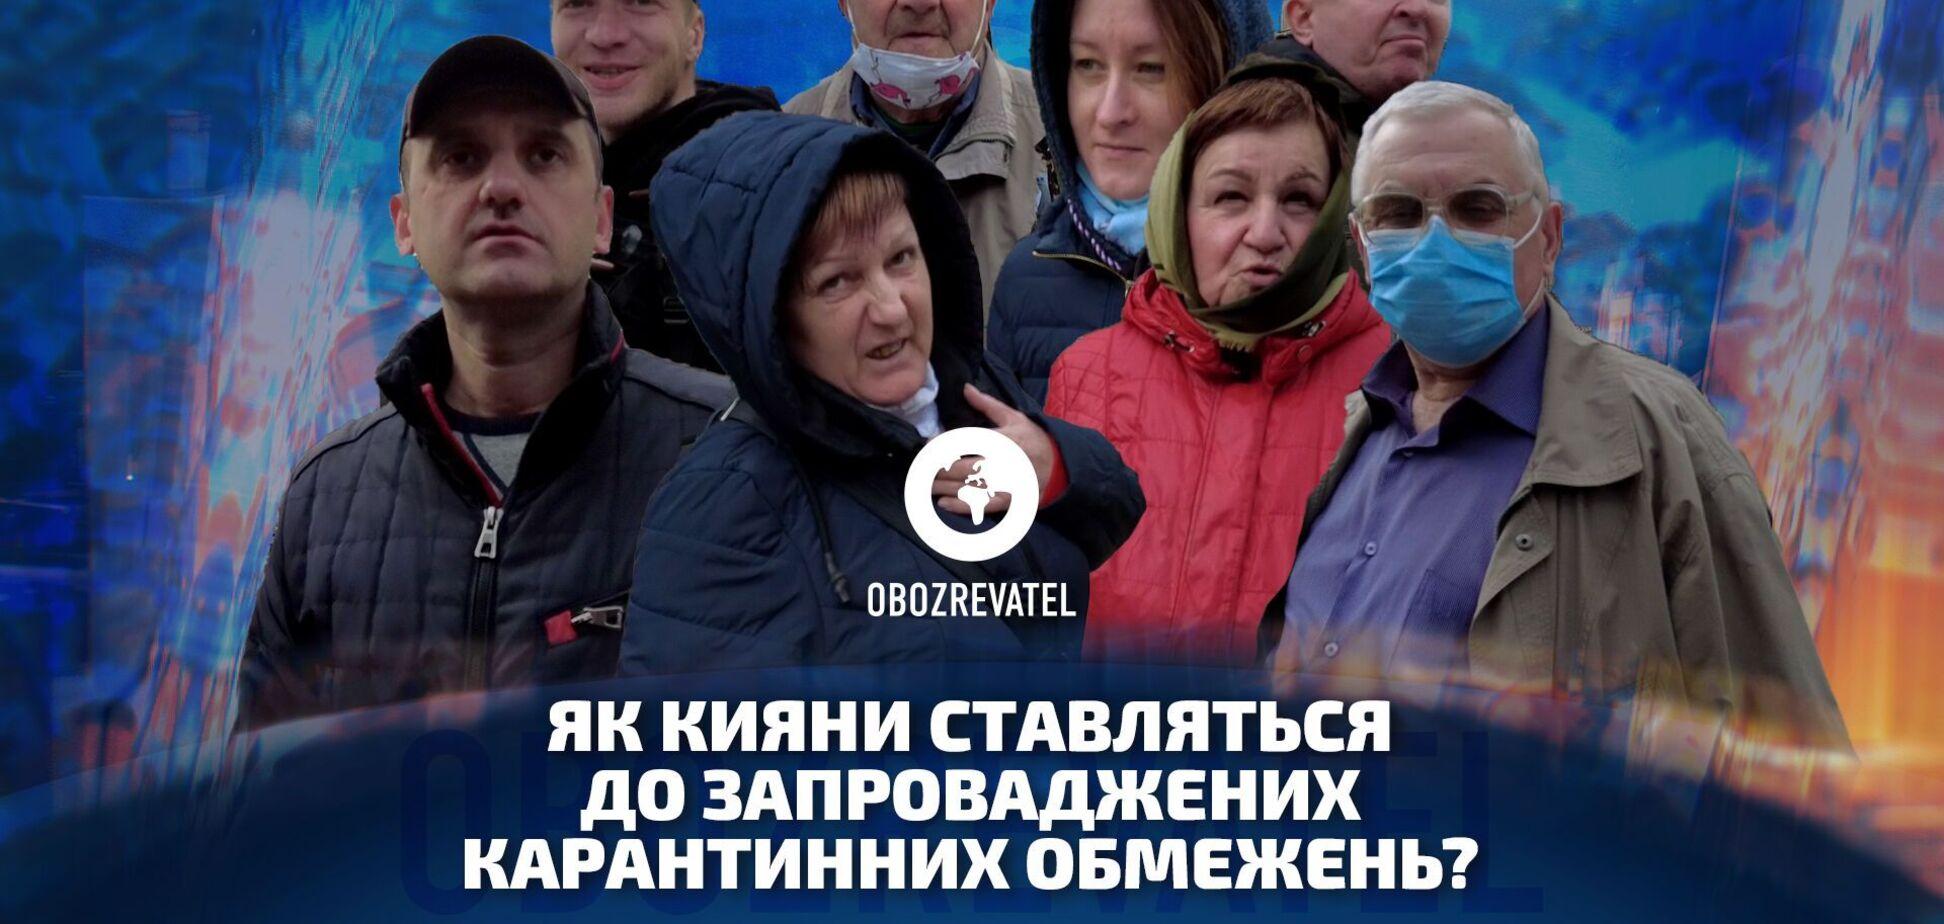 Как киевляне относятся к введенным карантинным ограничениям?